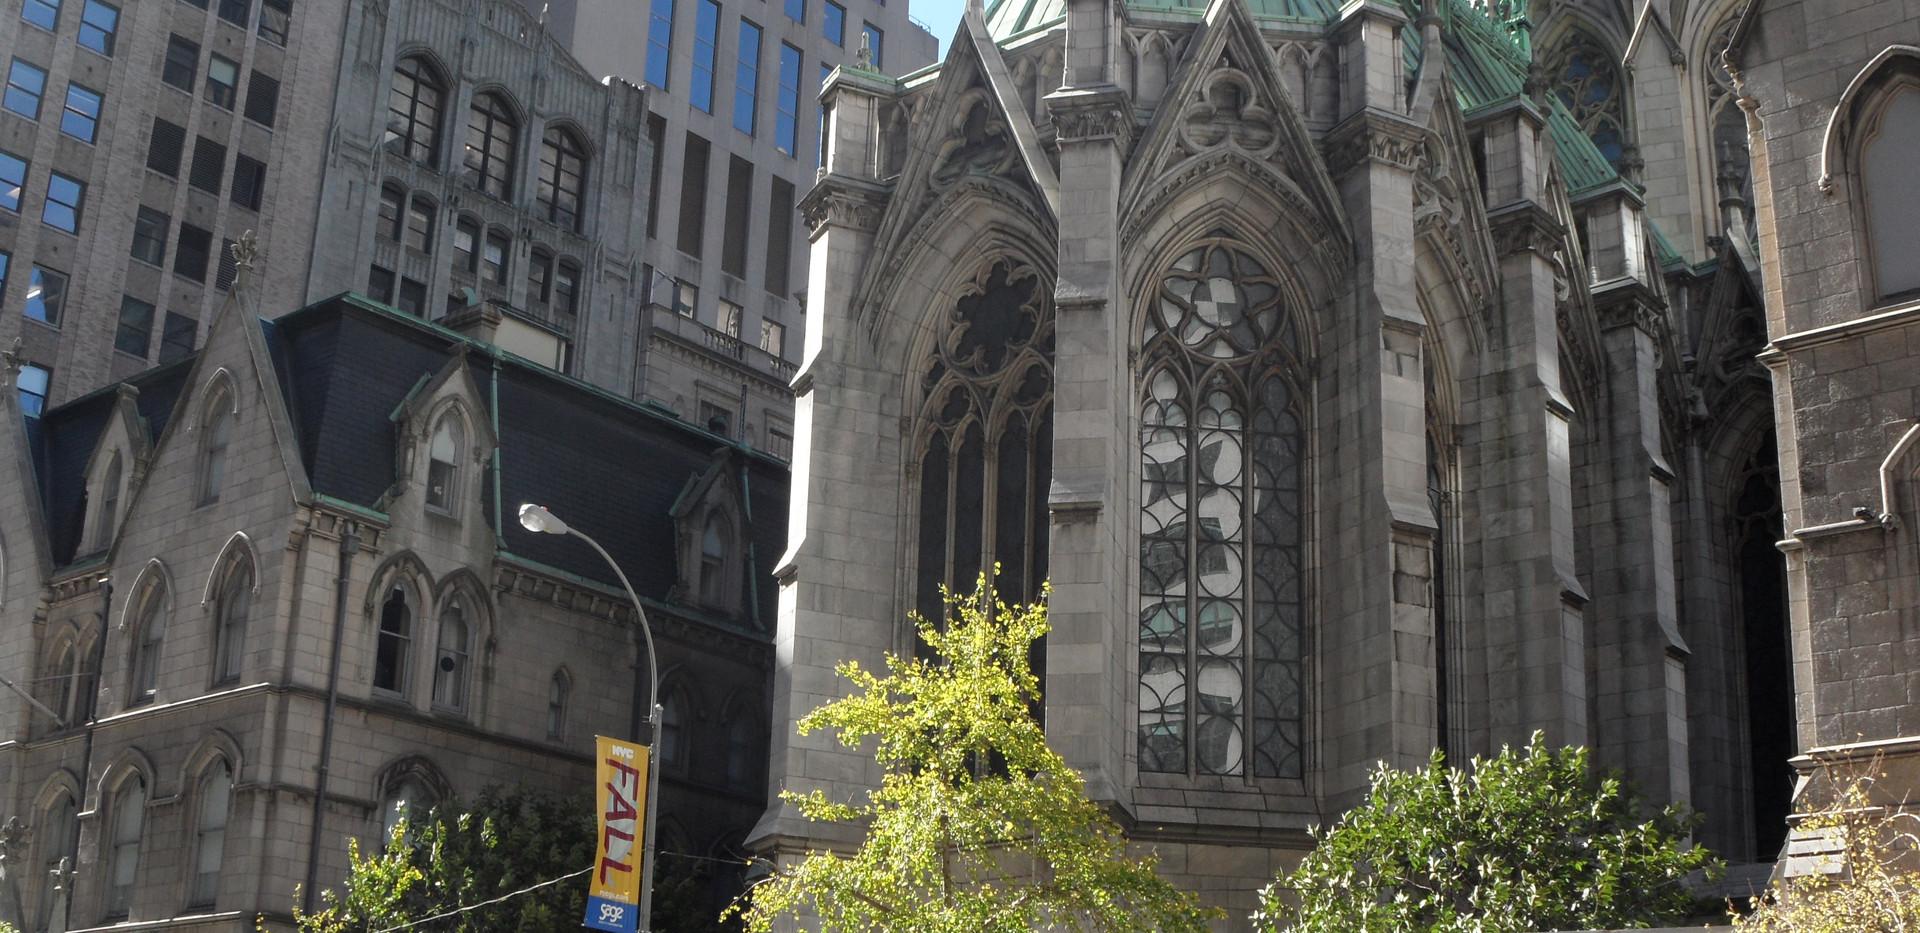 Madison Avenue - parte de trás da St. Patrick's Cathedral